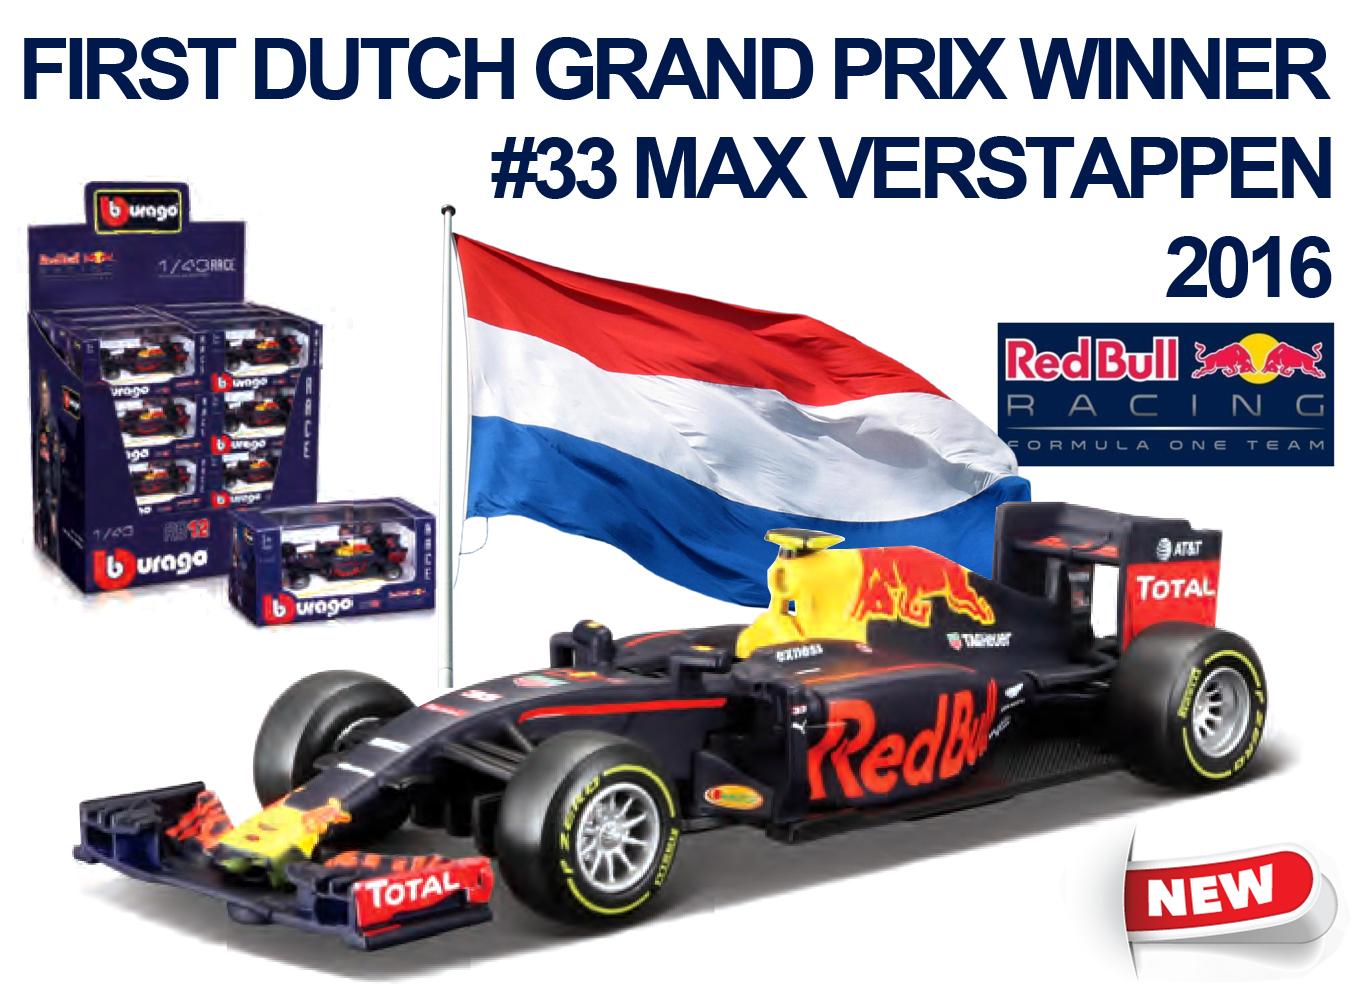 Burago Red Bull Rb 12 2016 Max Verstappen 1 43